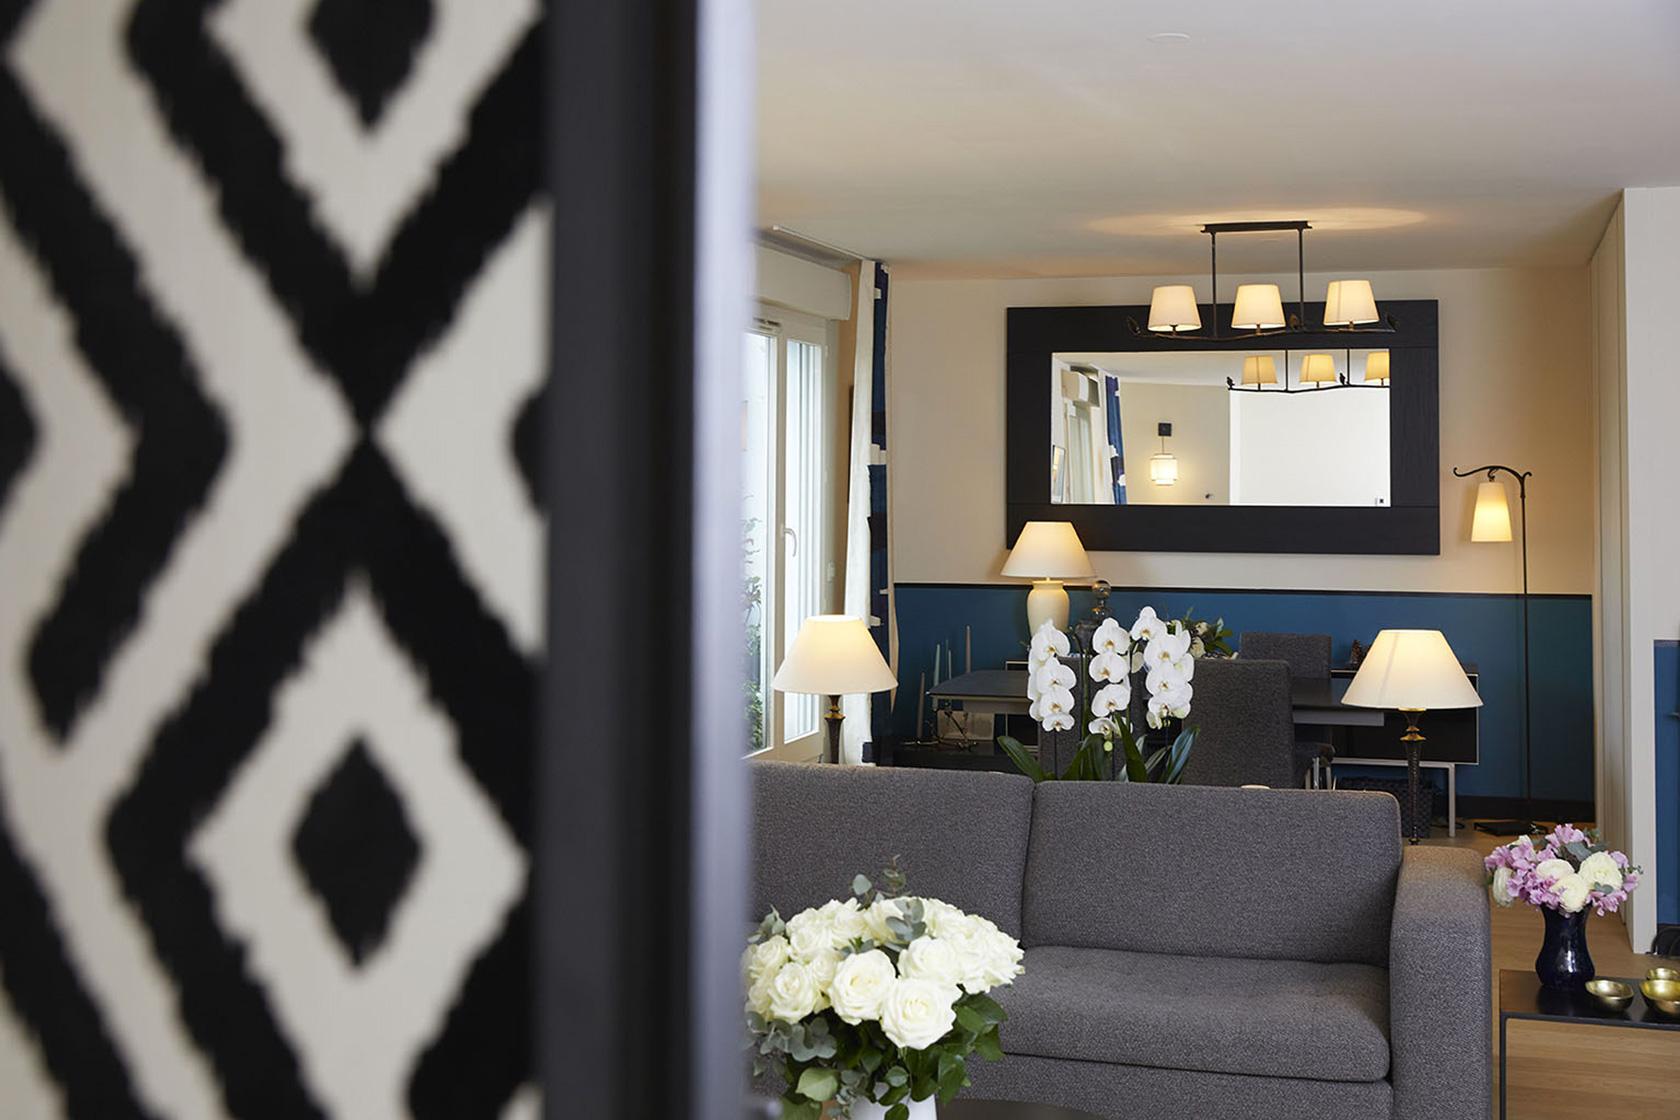 Décoration Appartement 40m2 à Nogent sur Marne - Vue de l'entrée vers Le grand salon, par Catherine Lefret, Architecte d'intérieur et Décoratrice dans les Yvelines et Hauts de Seine, 78 92